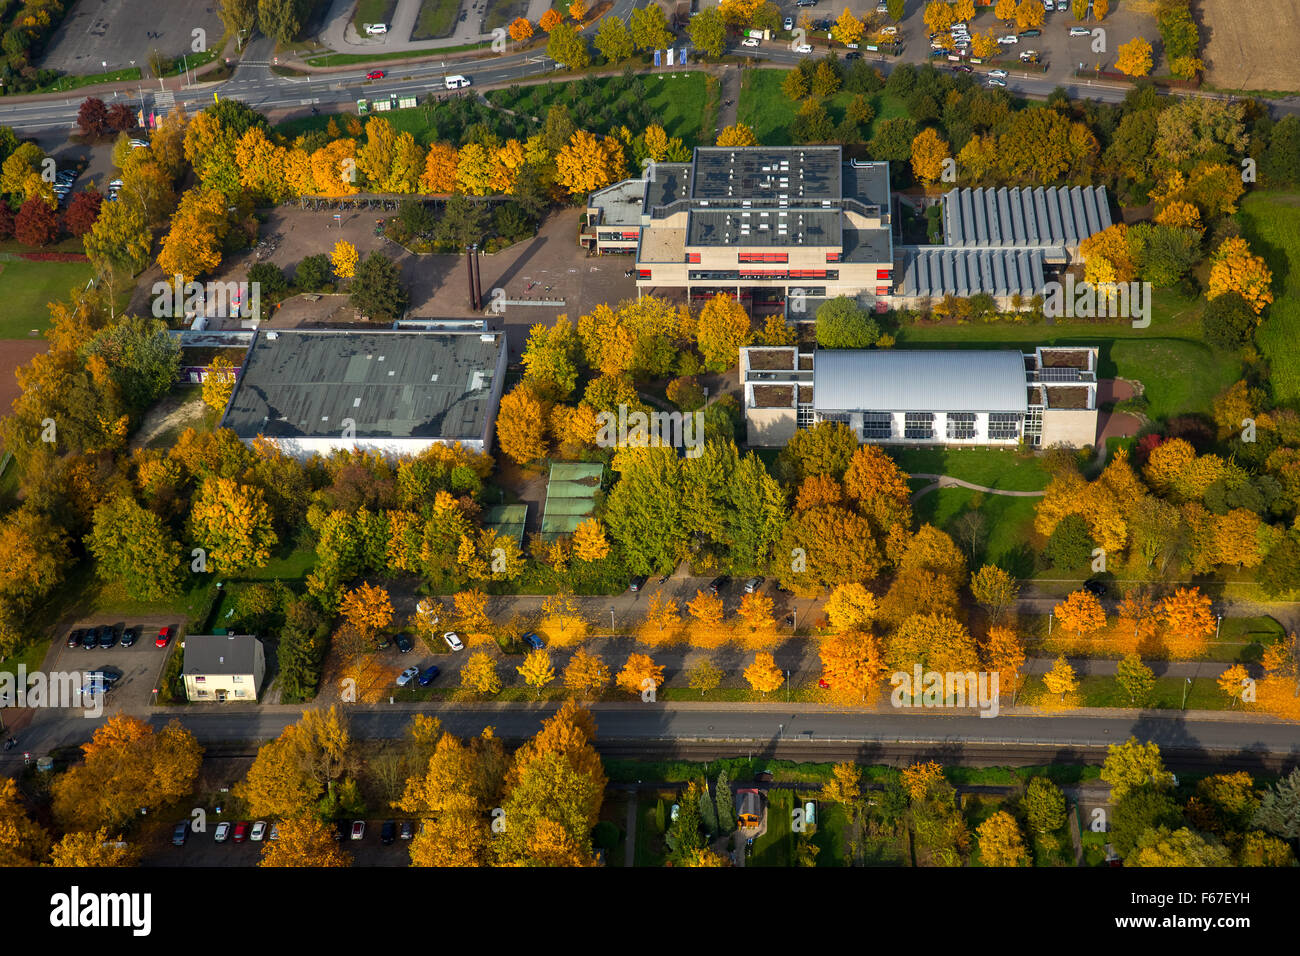 Freiherr-vom-Stein-Gymnasium in autumn leaves, Hamm, Ruhr area, North Rhine-Westphalia, Germany, Hamm, Ruhr area - Stock Image